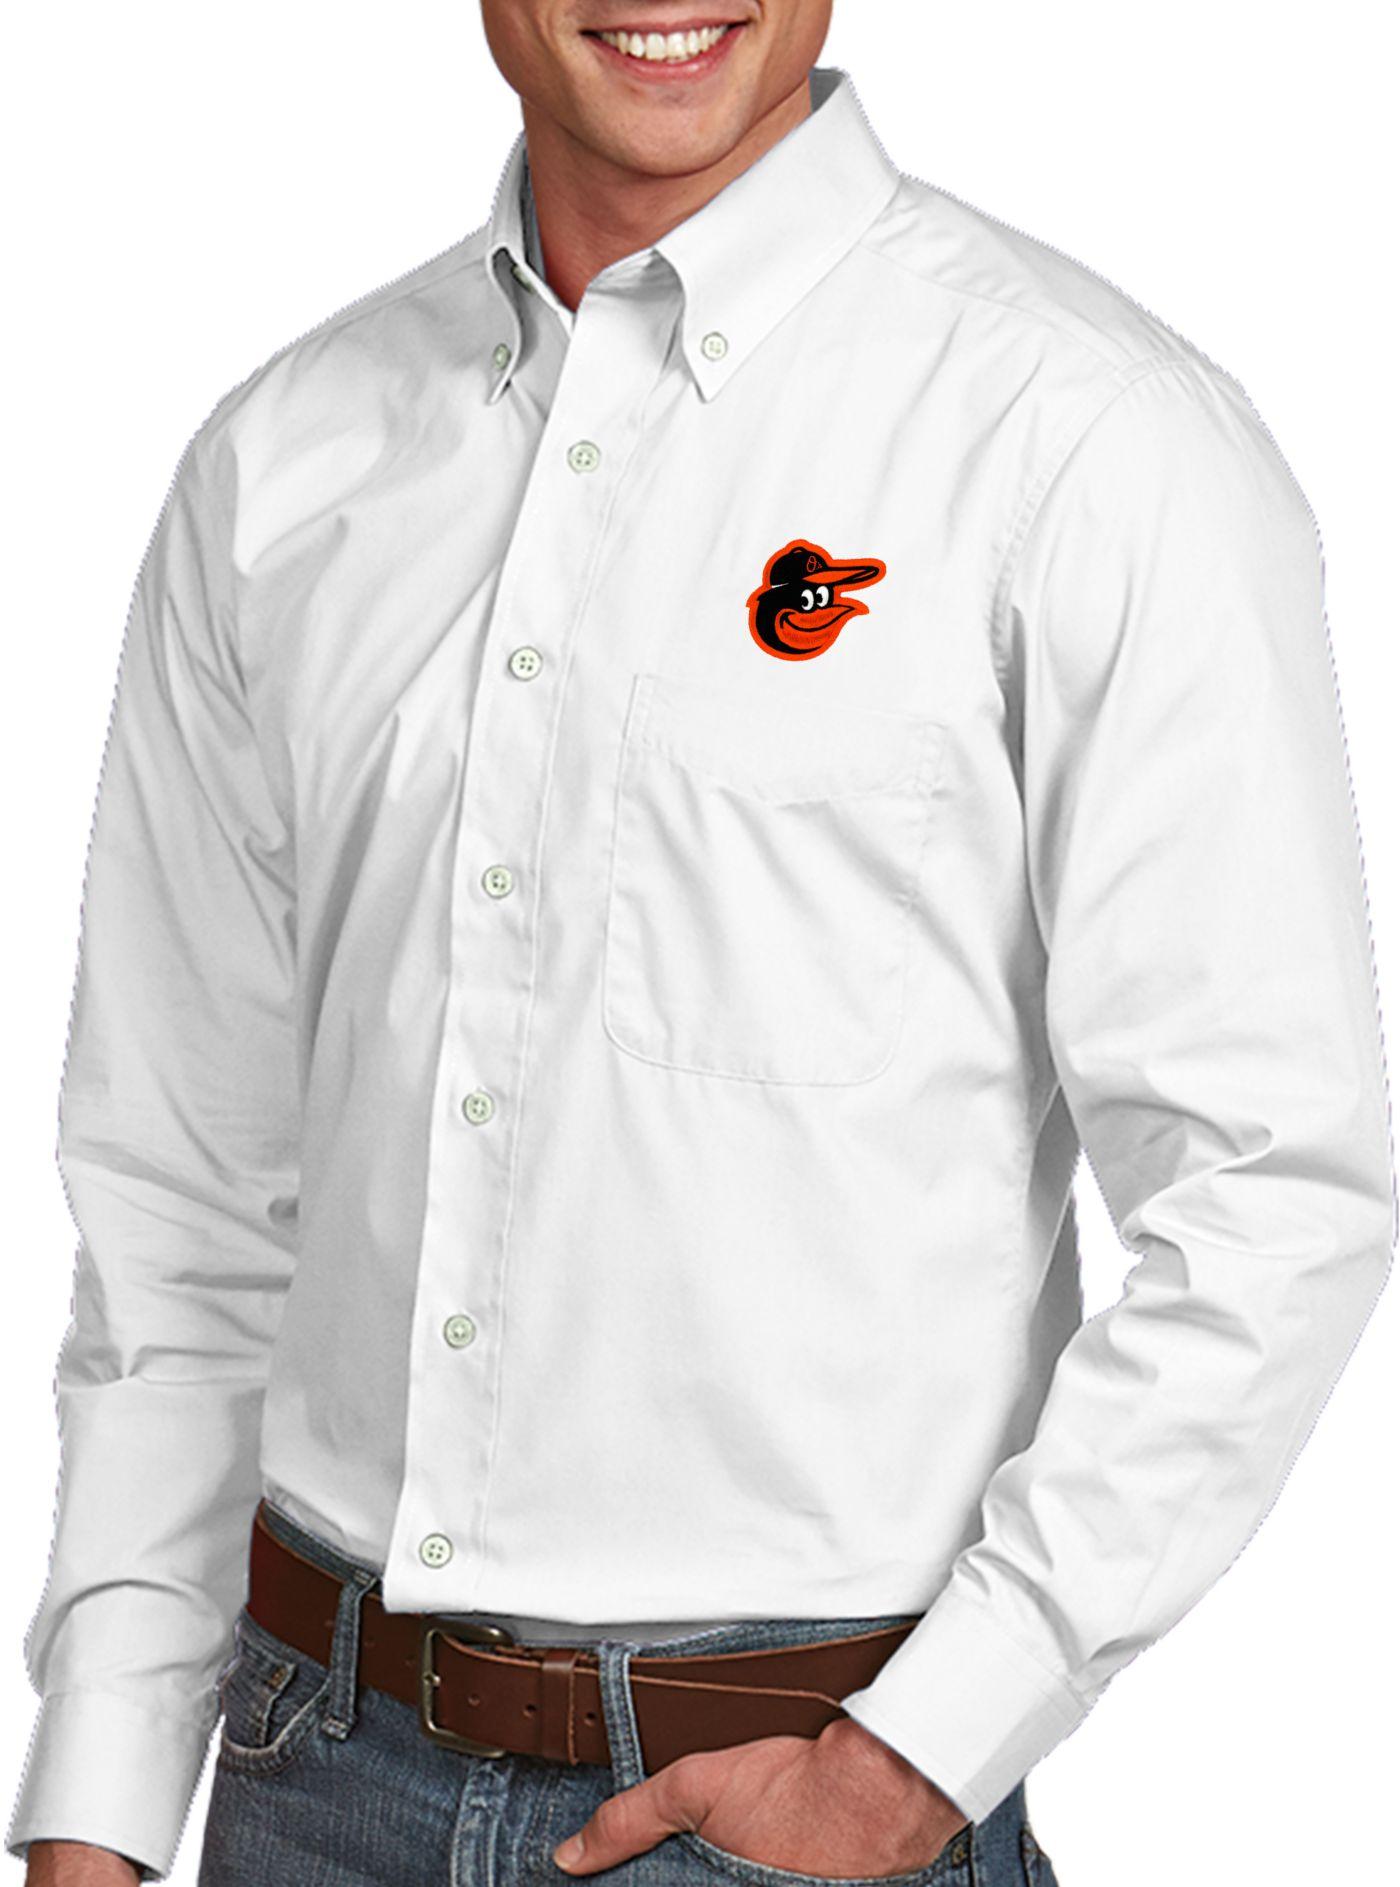 Antigua Men's Baltimore Orioles Dynasty Button-Up White Long Sleeve Shirt